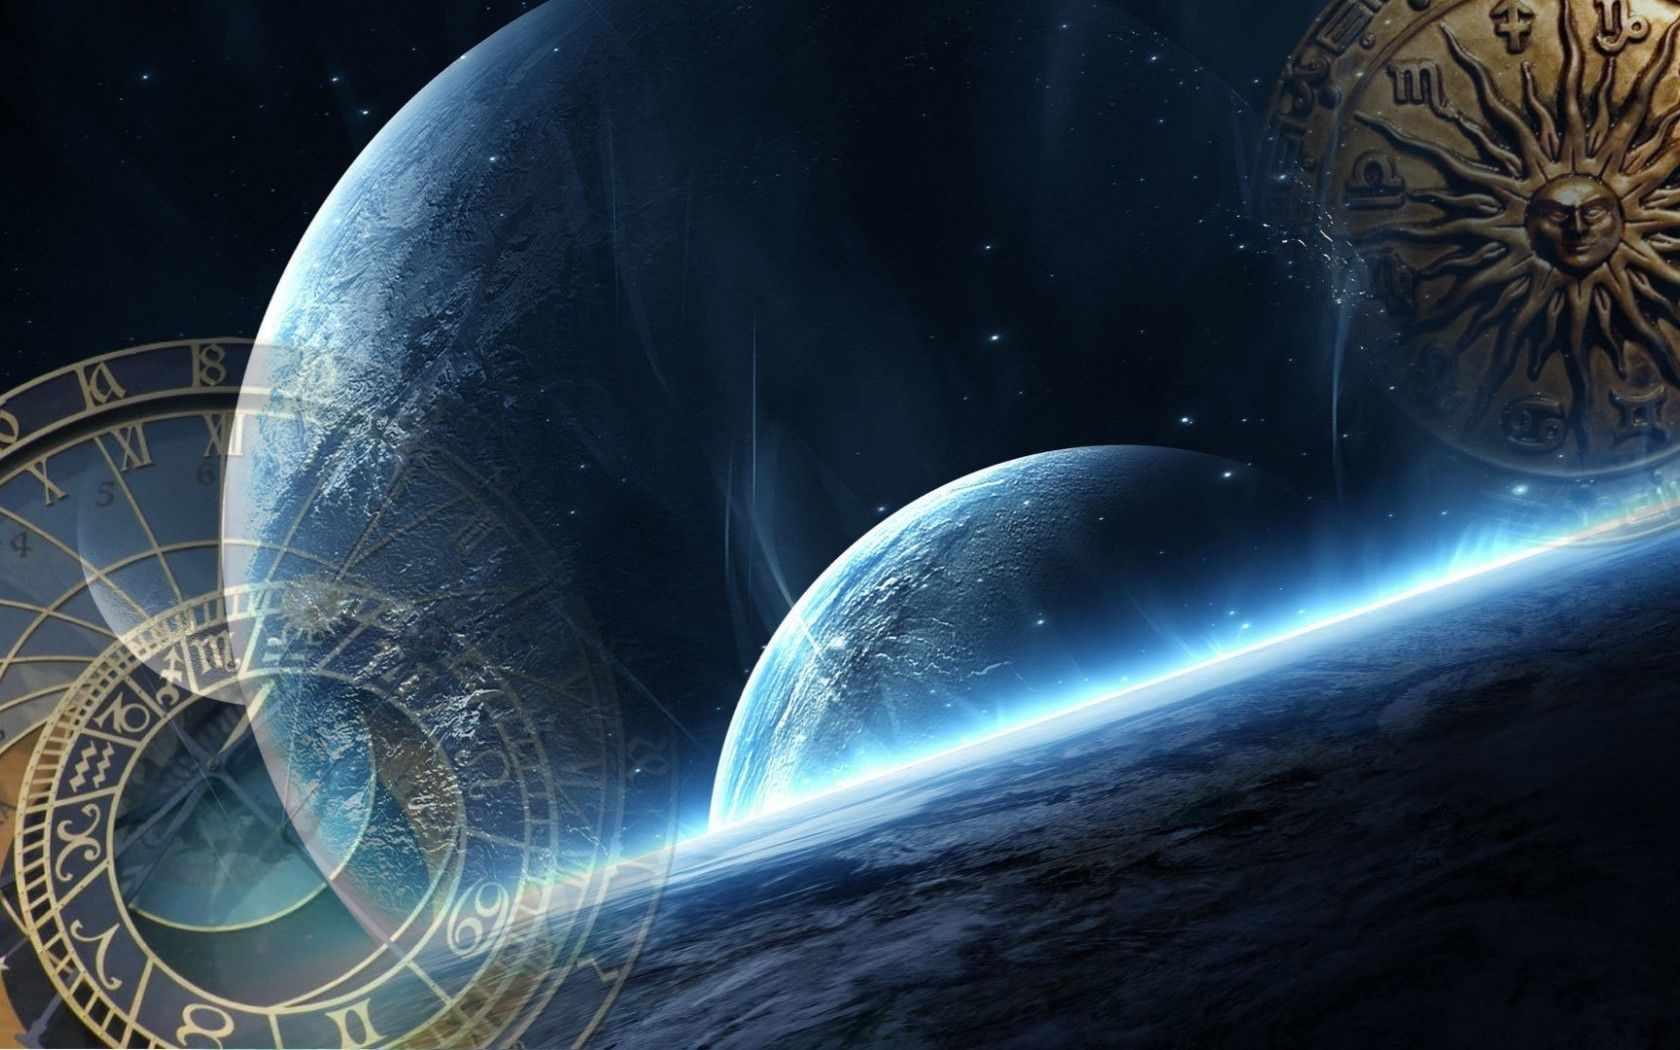 Скачать картинки космоса красивые для срисовки 17